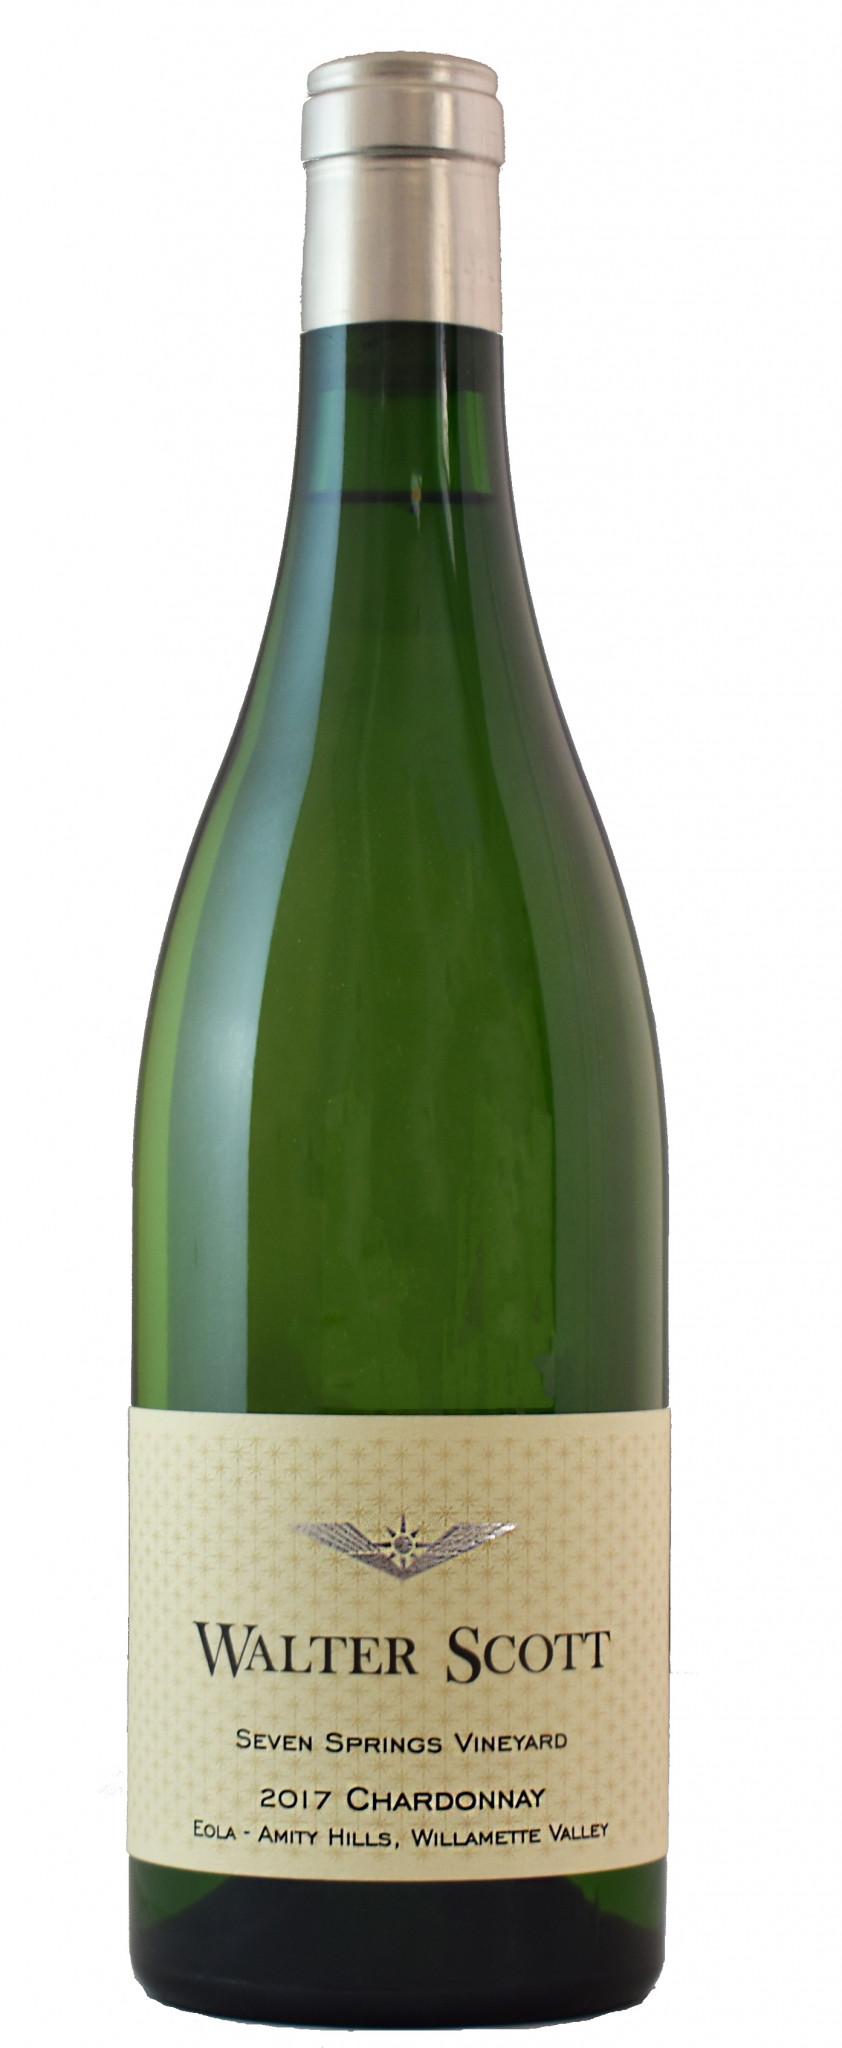 Walter Scott Seven springs Chardonnay 2017